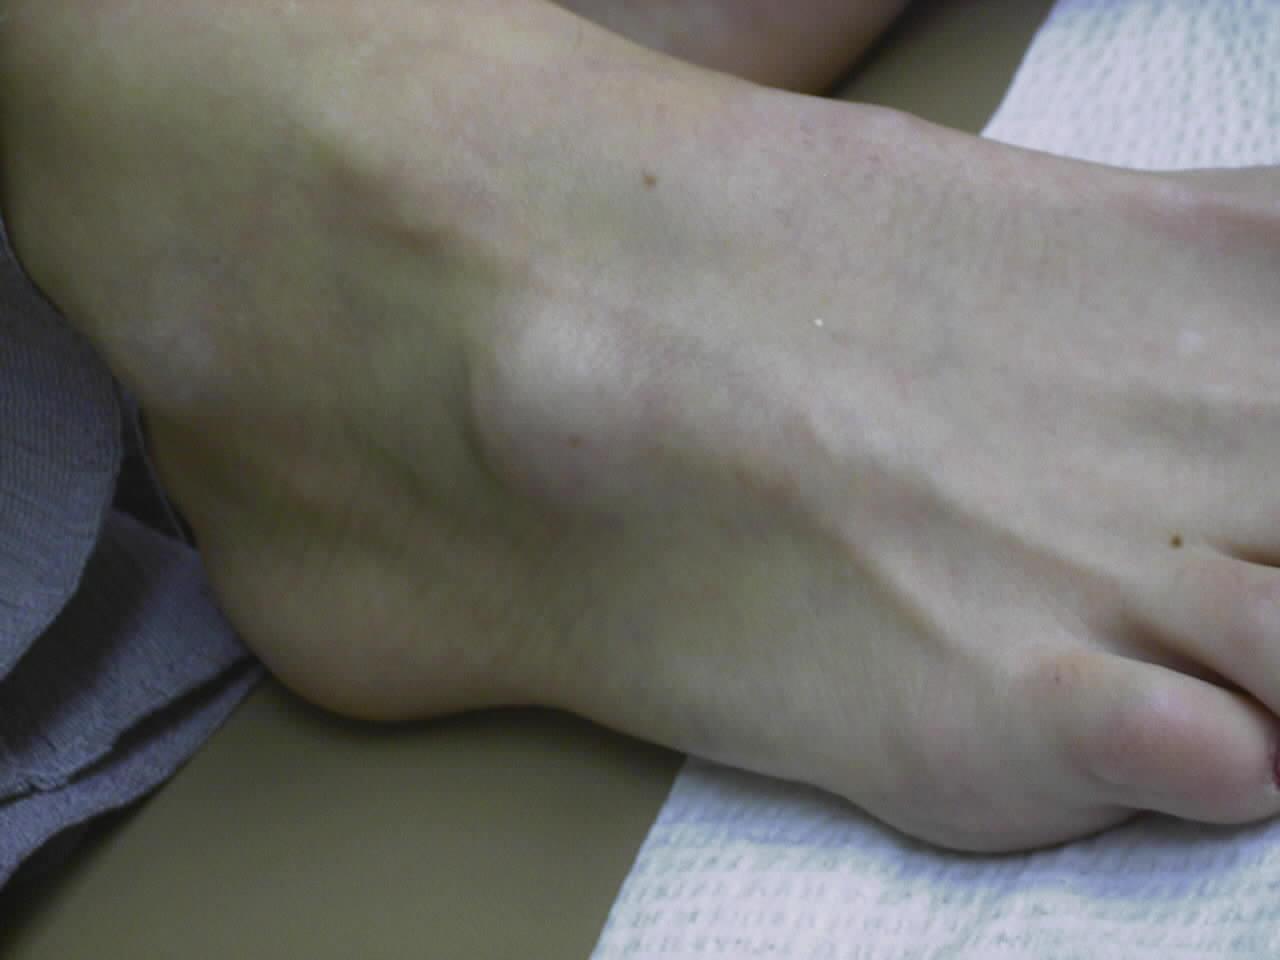 senknuta på foten